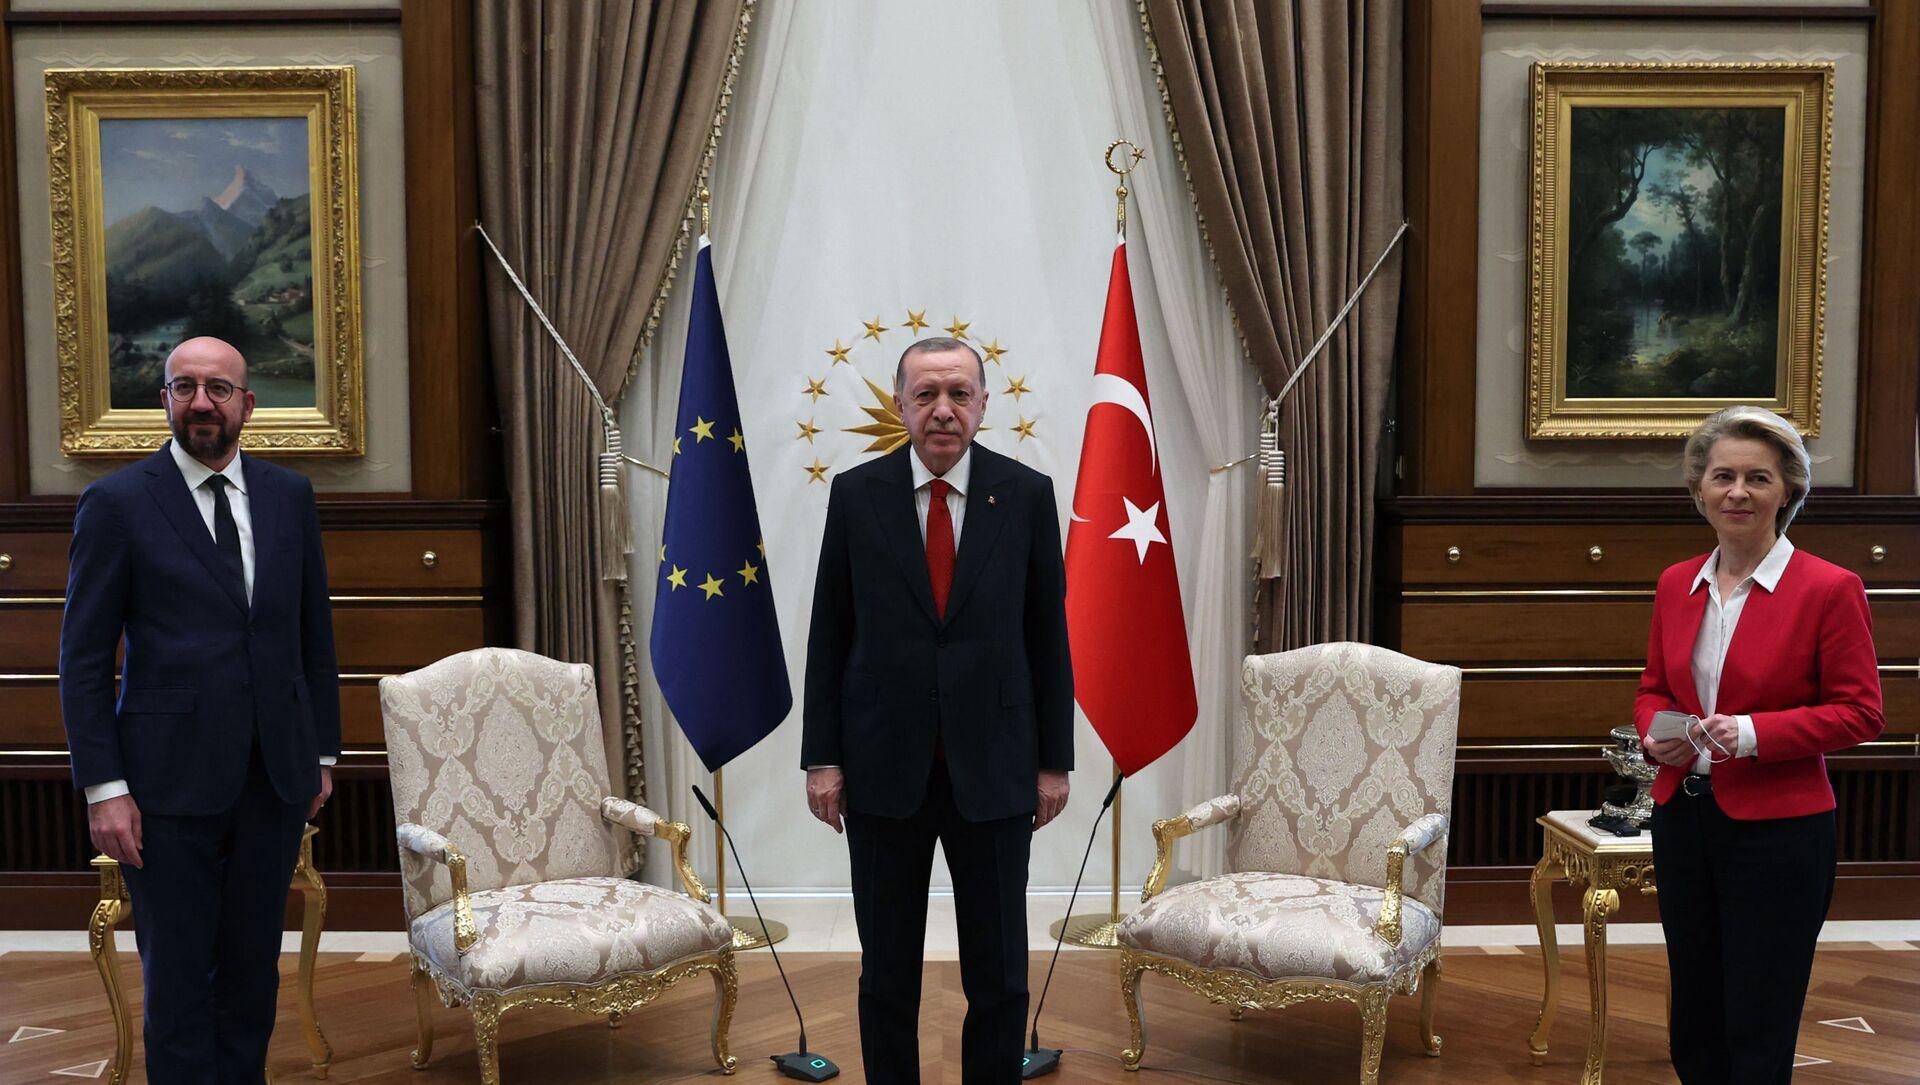 Recep Tayyip Erdogan riceve ad Ankara presidente del Consiglio d'Europa Charles Michel e presidente della Commissione Europea Ursula Von der Leyen - Sputnik Italia, 1920, 06.04.2021